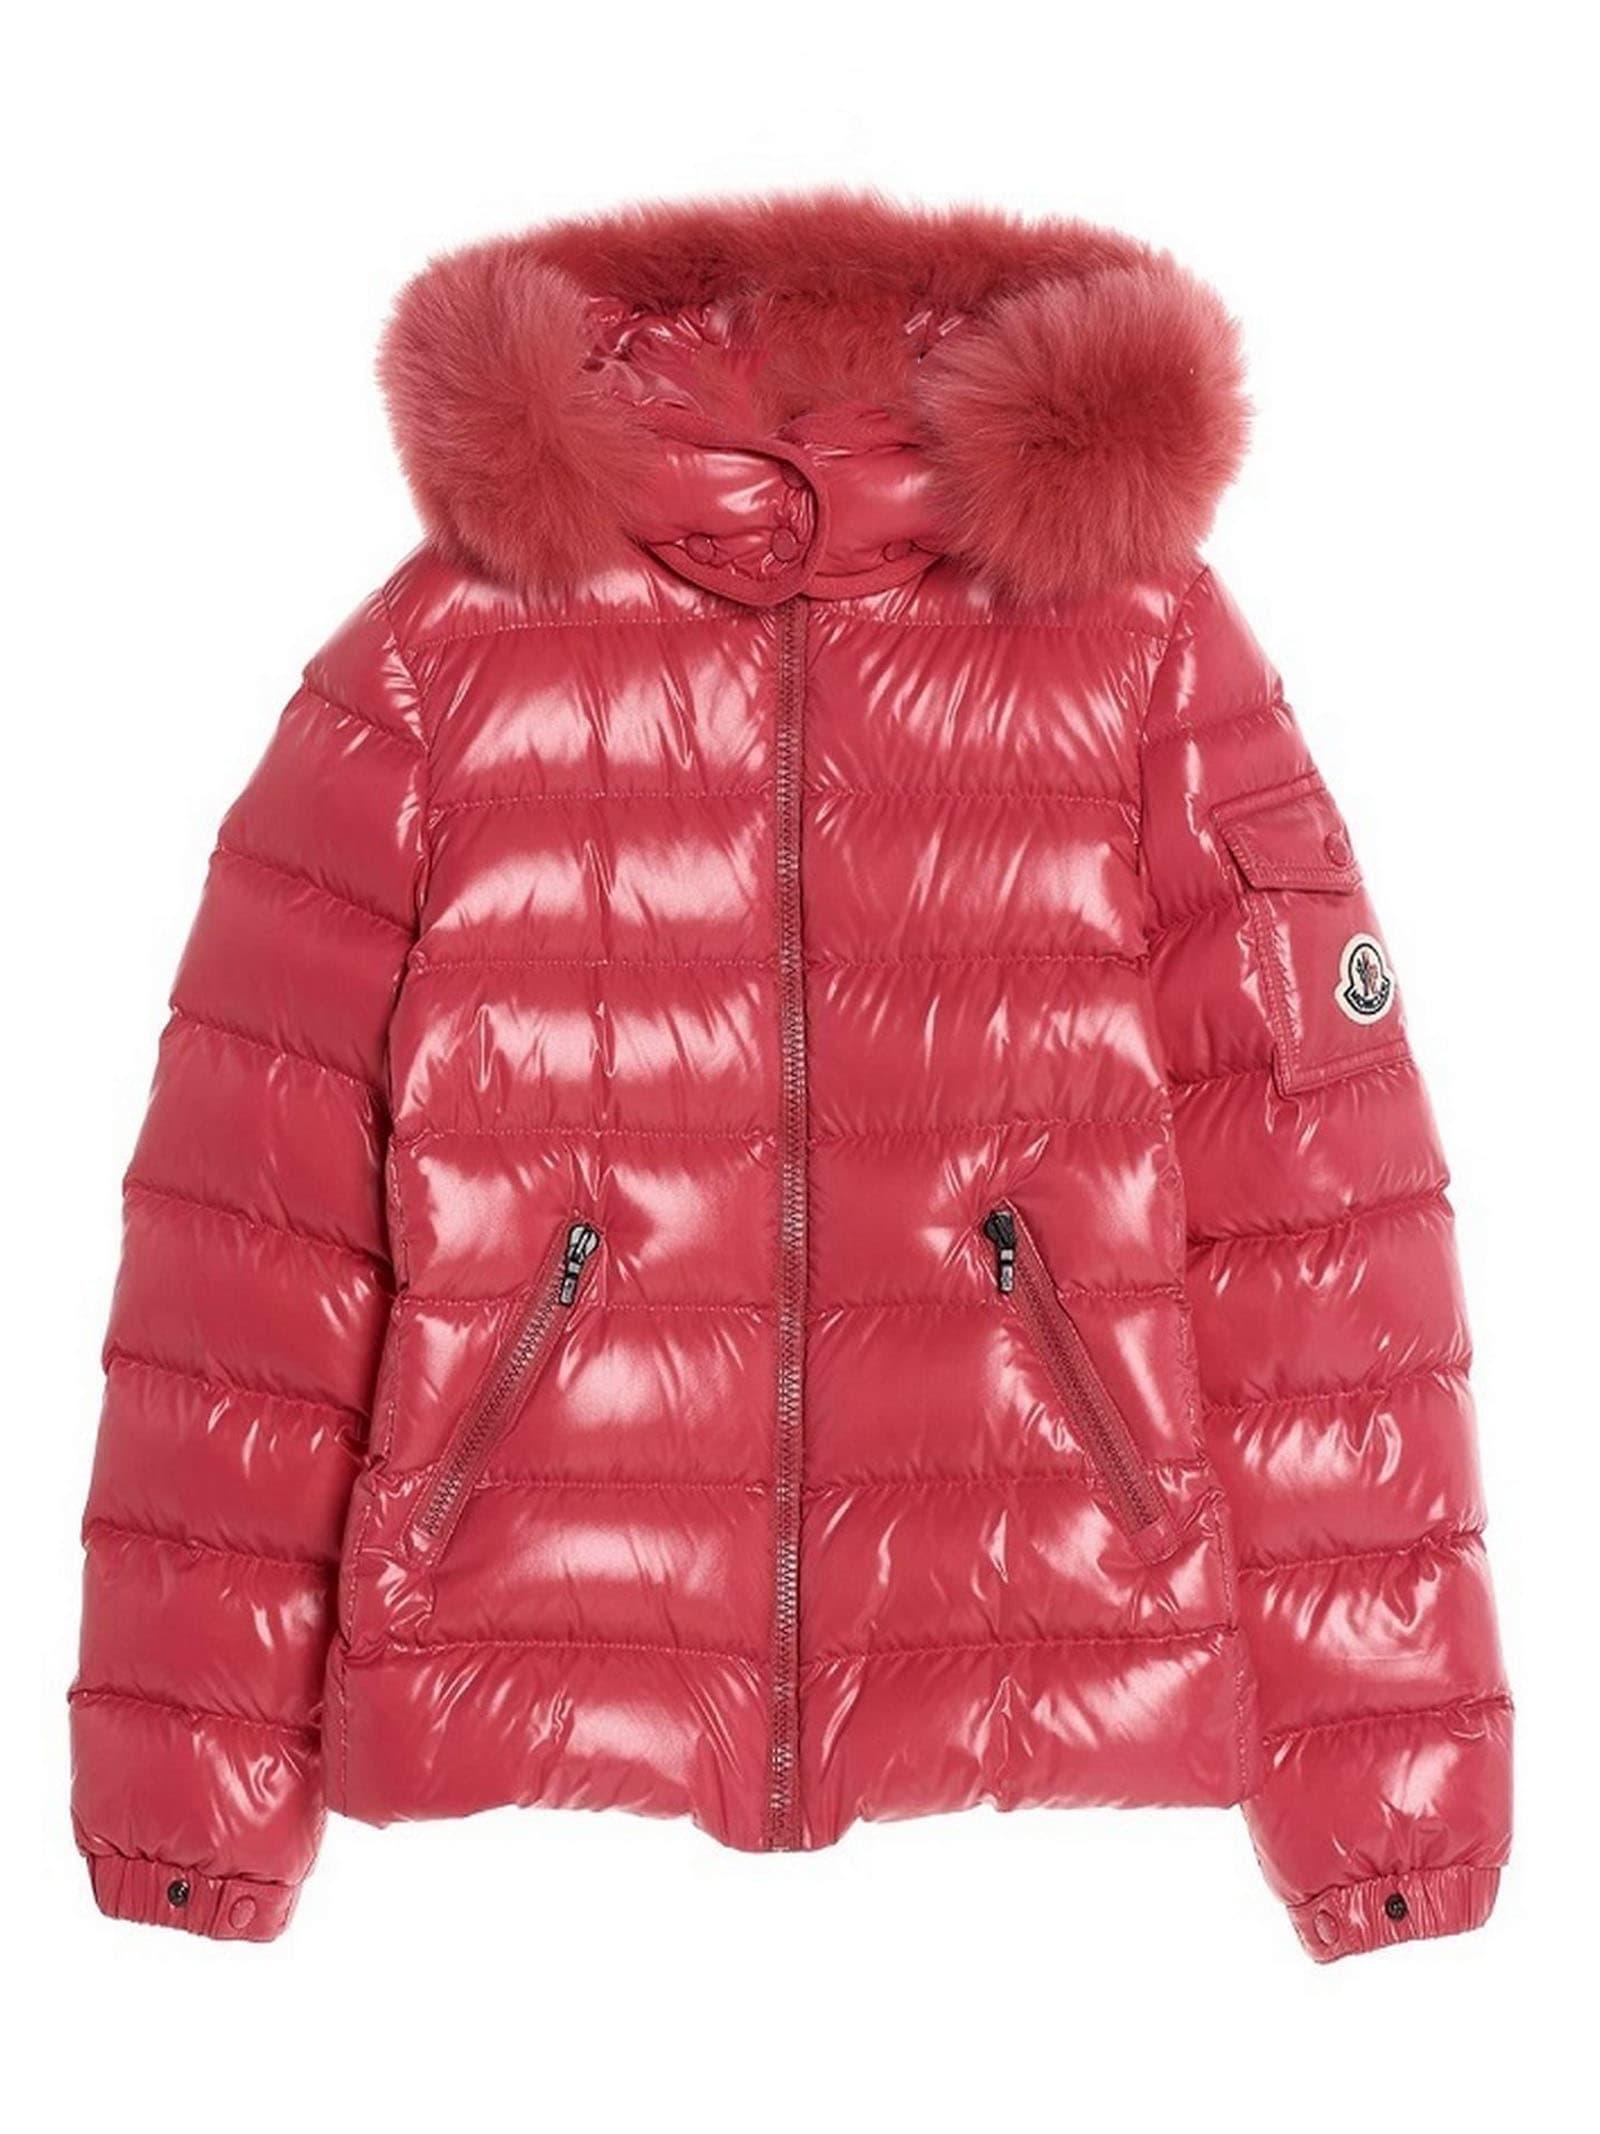 Moncler Strawberry Nylon Jacket